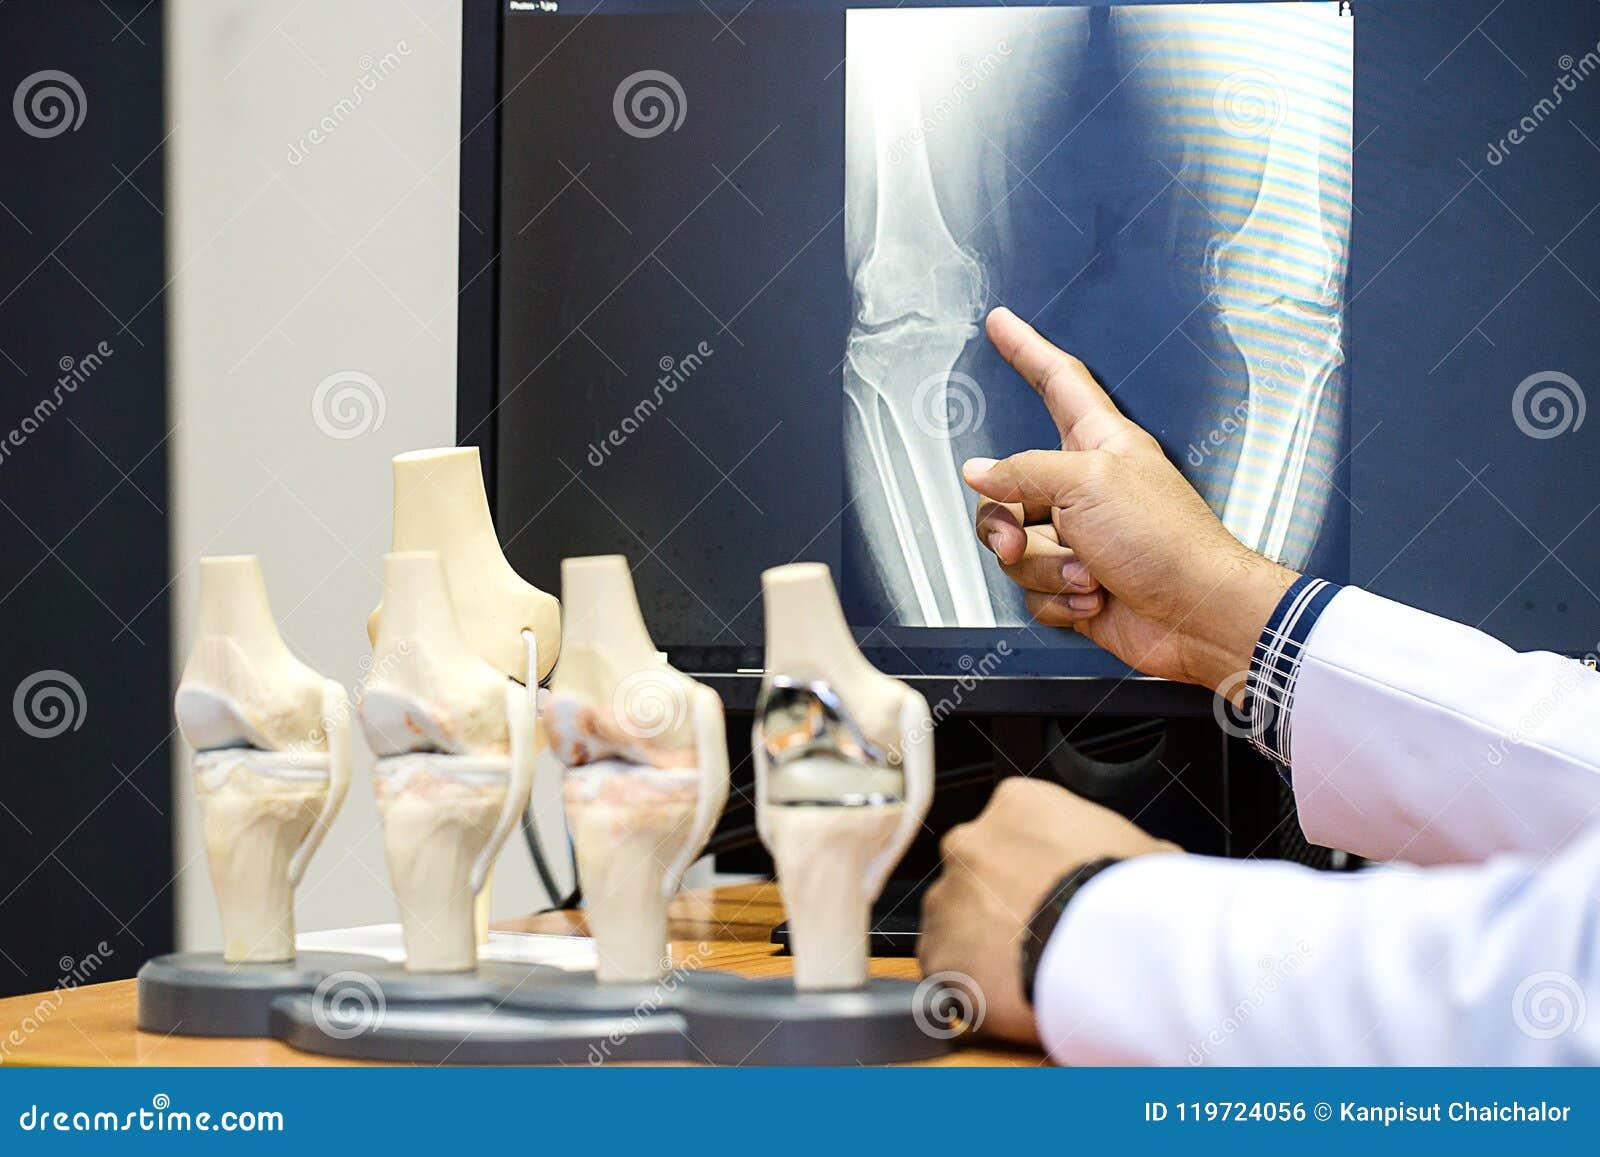 Medique apontar no ponto do problema do joelho no filme de raio X joelho de esqueleto da mostra do filme de raio X no filme